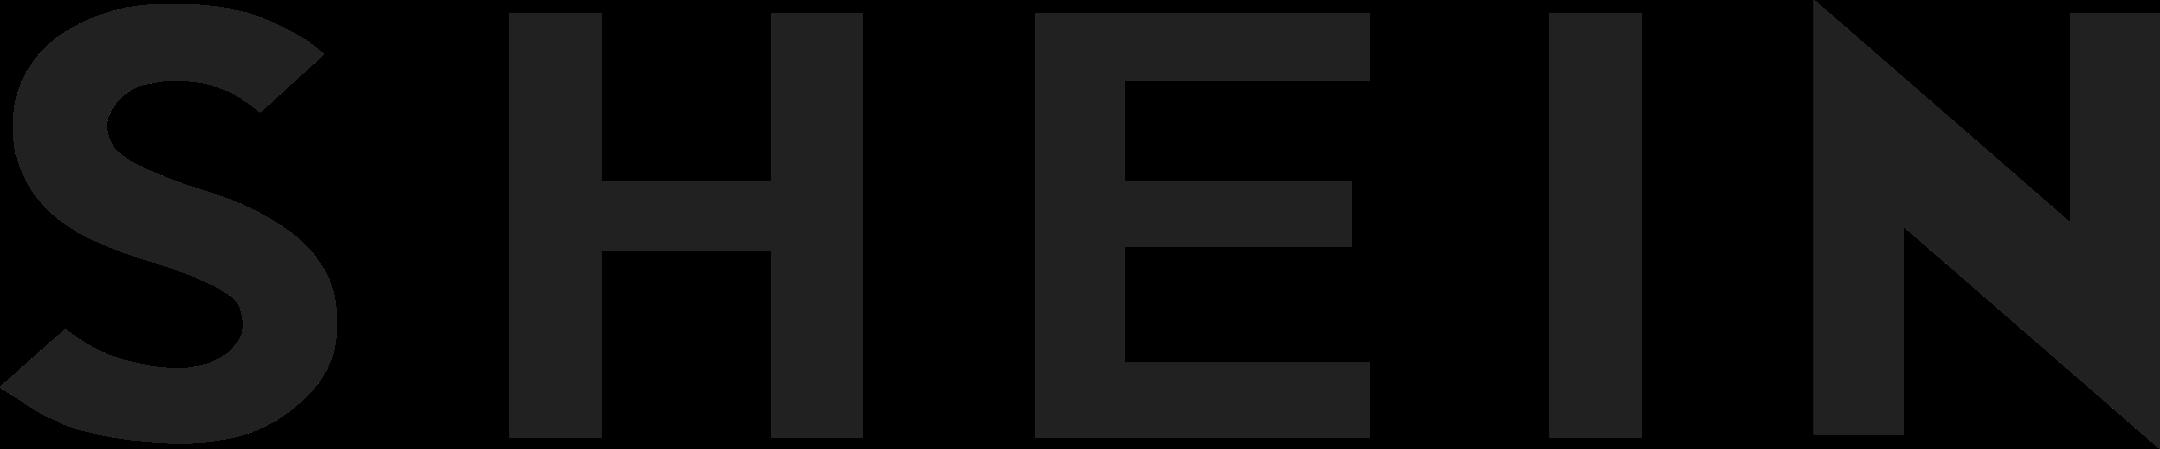 shein logo 1 - Shein Logo